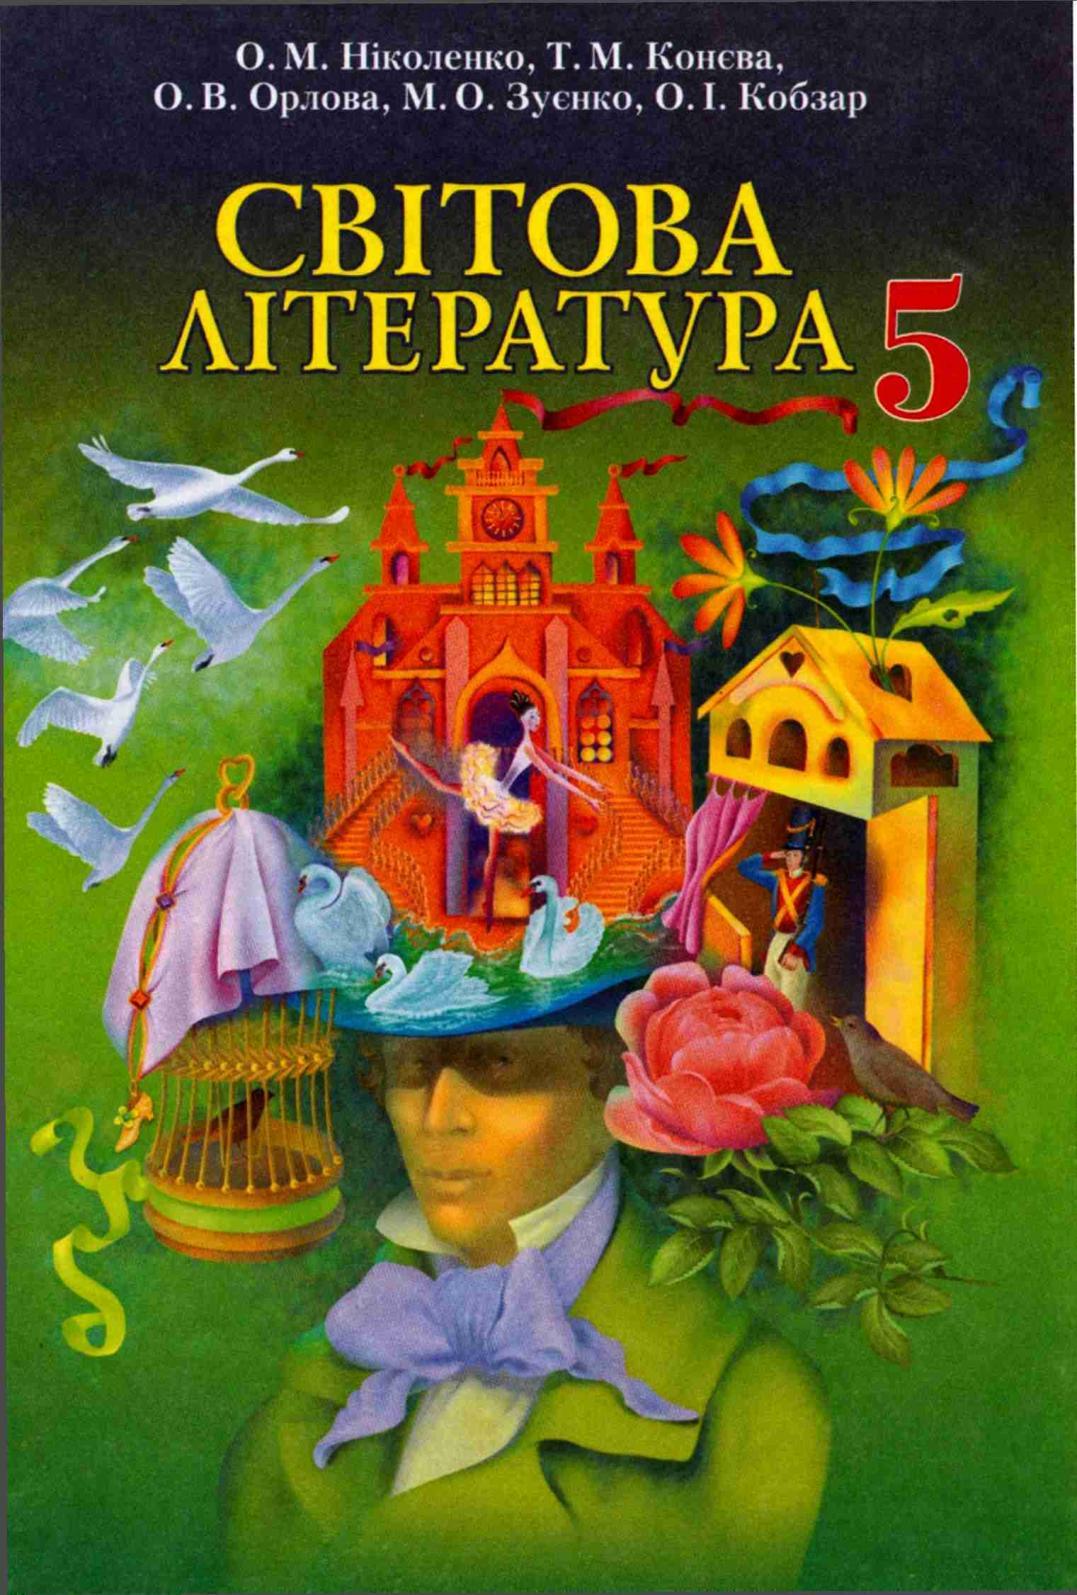 Calaméo - 5 клас. Література (Ніколенко, Конєва, Орлова) - 2013 2bdd9adb97d